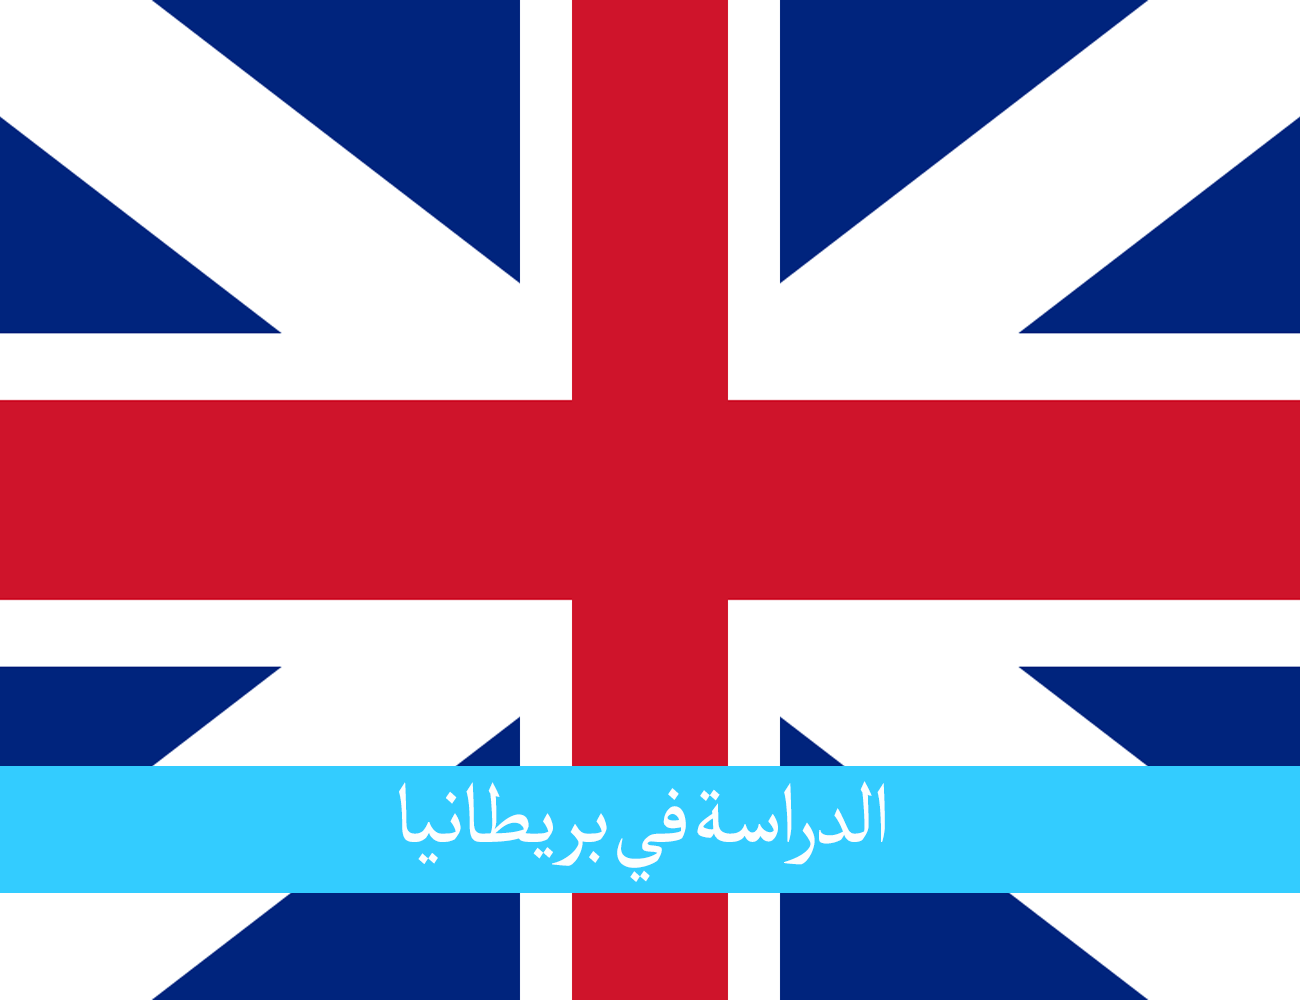 الدراسة في بريطانيا للمغاربة ٲكثر الٲنظمة التعليمية والتأهيلية تنوعا